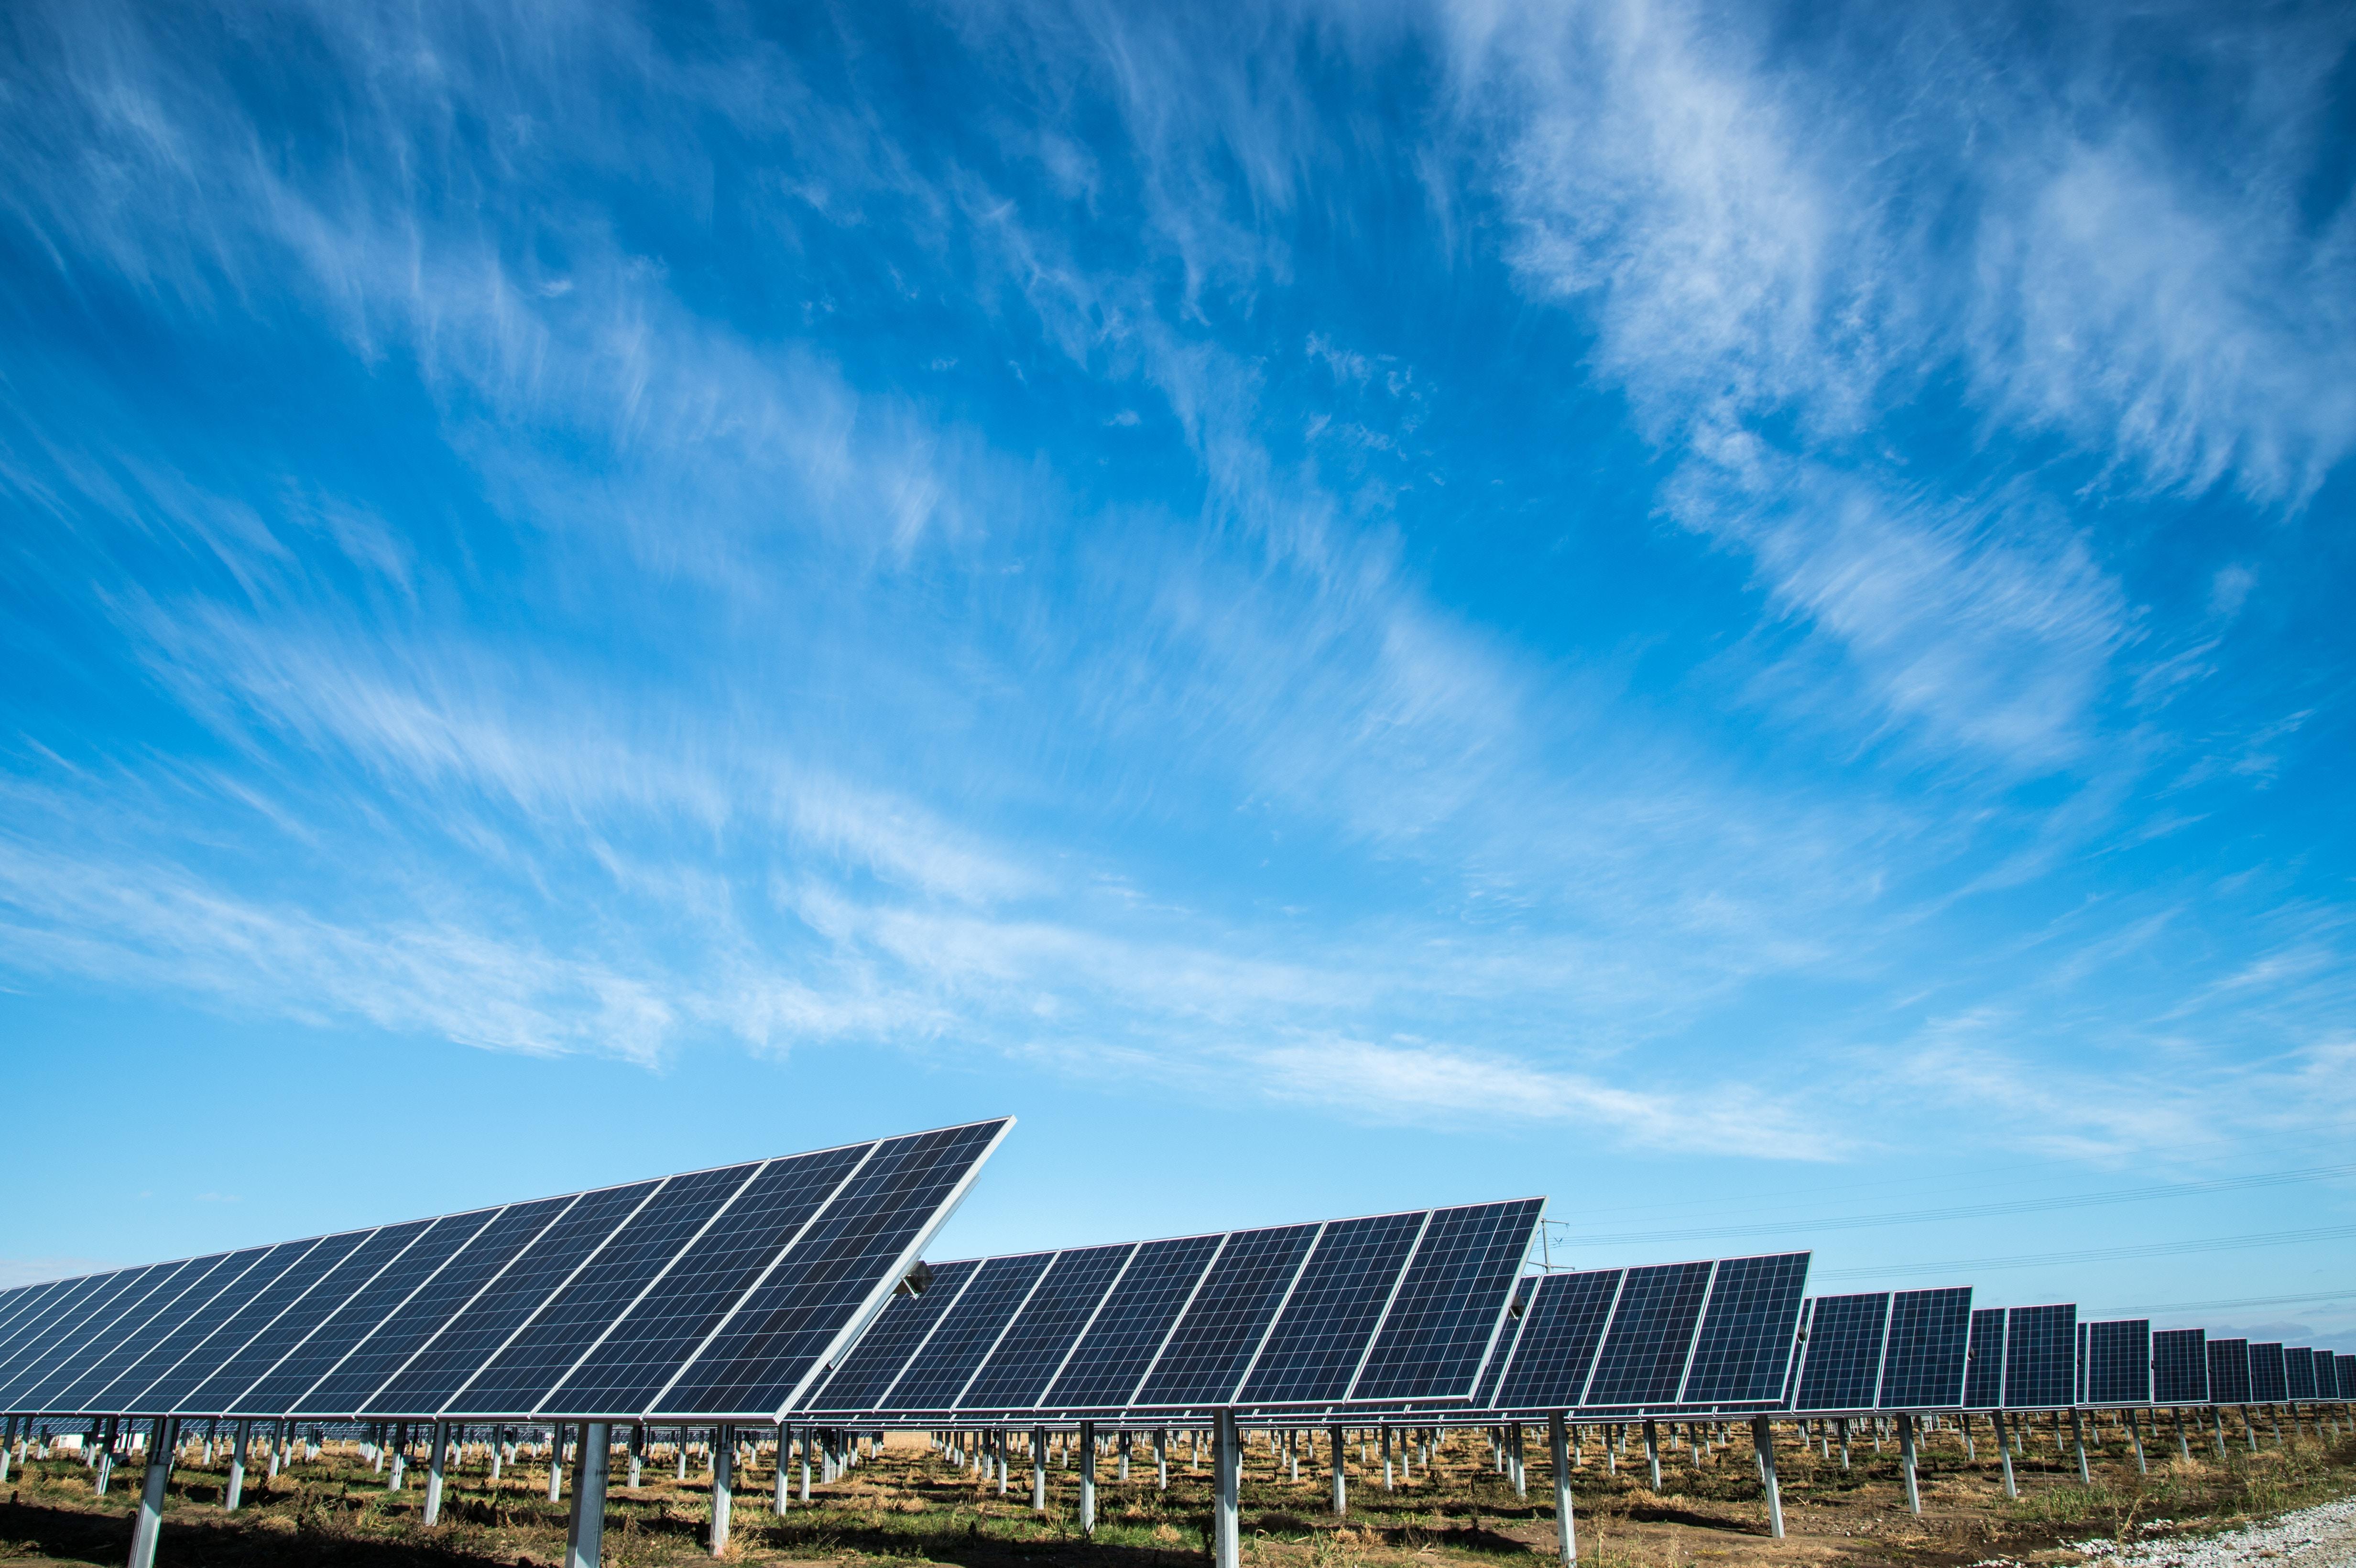 pannelli solari elettronica italia sky safe fotovoltaico